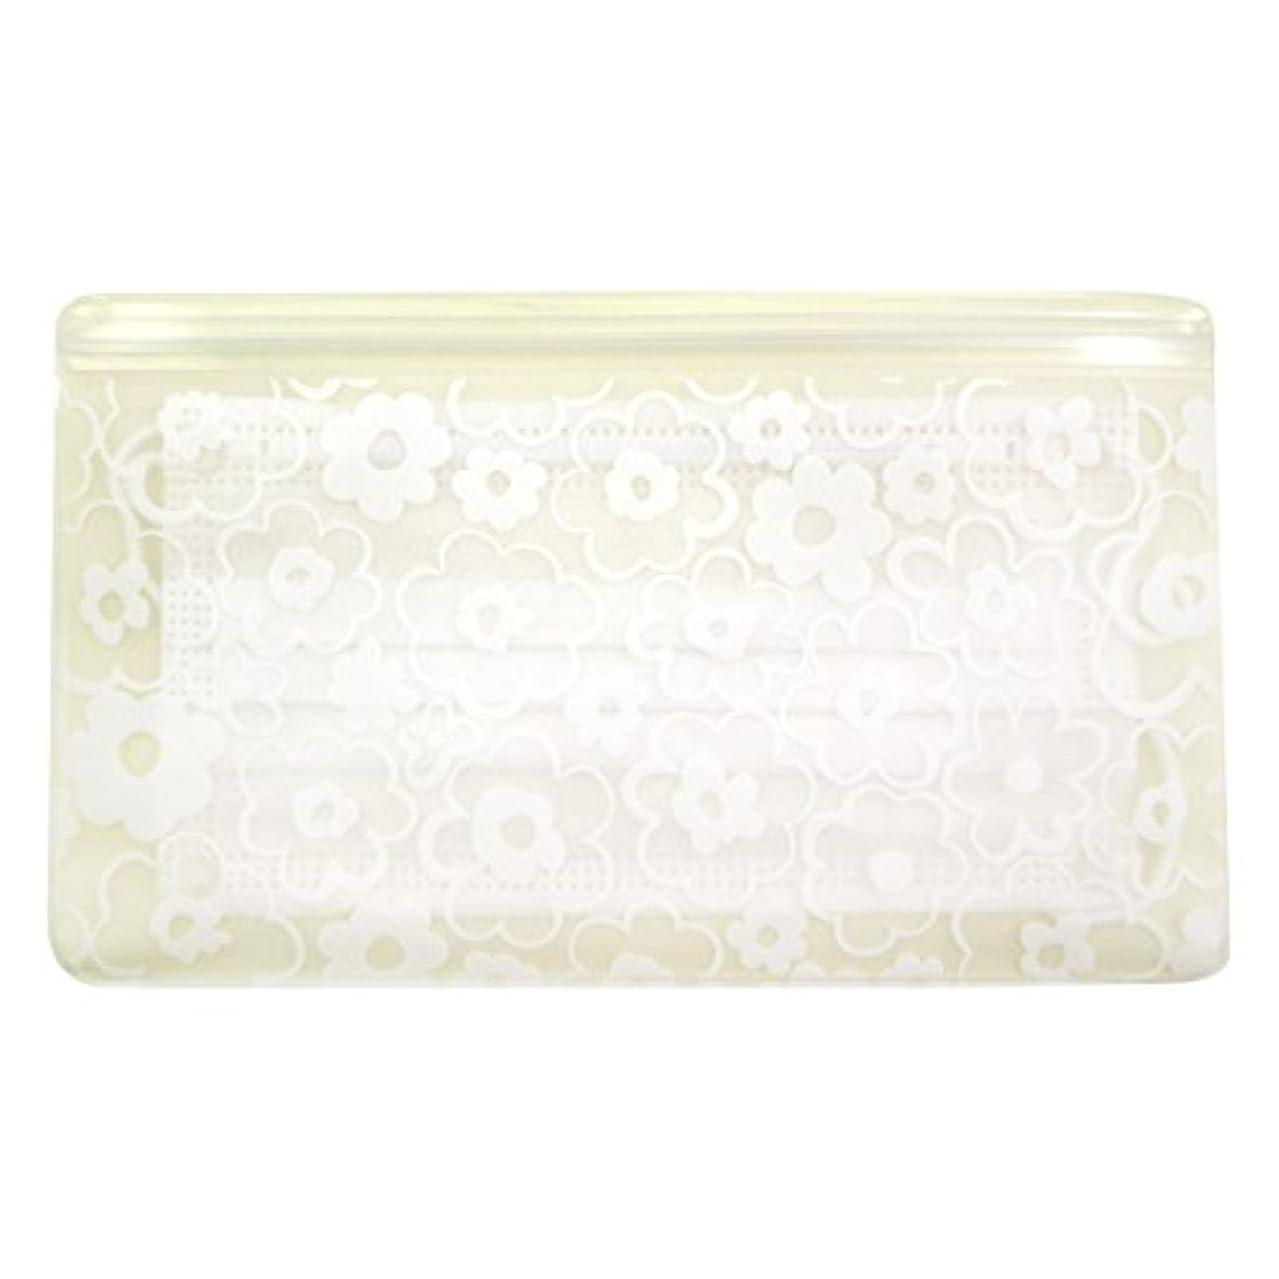 ラウンジ壊れたデコードする抗菌マスクケース Wポケット 花柄ホワイト いやあらっくす